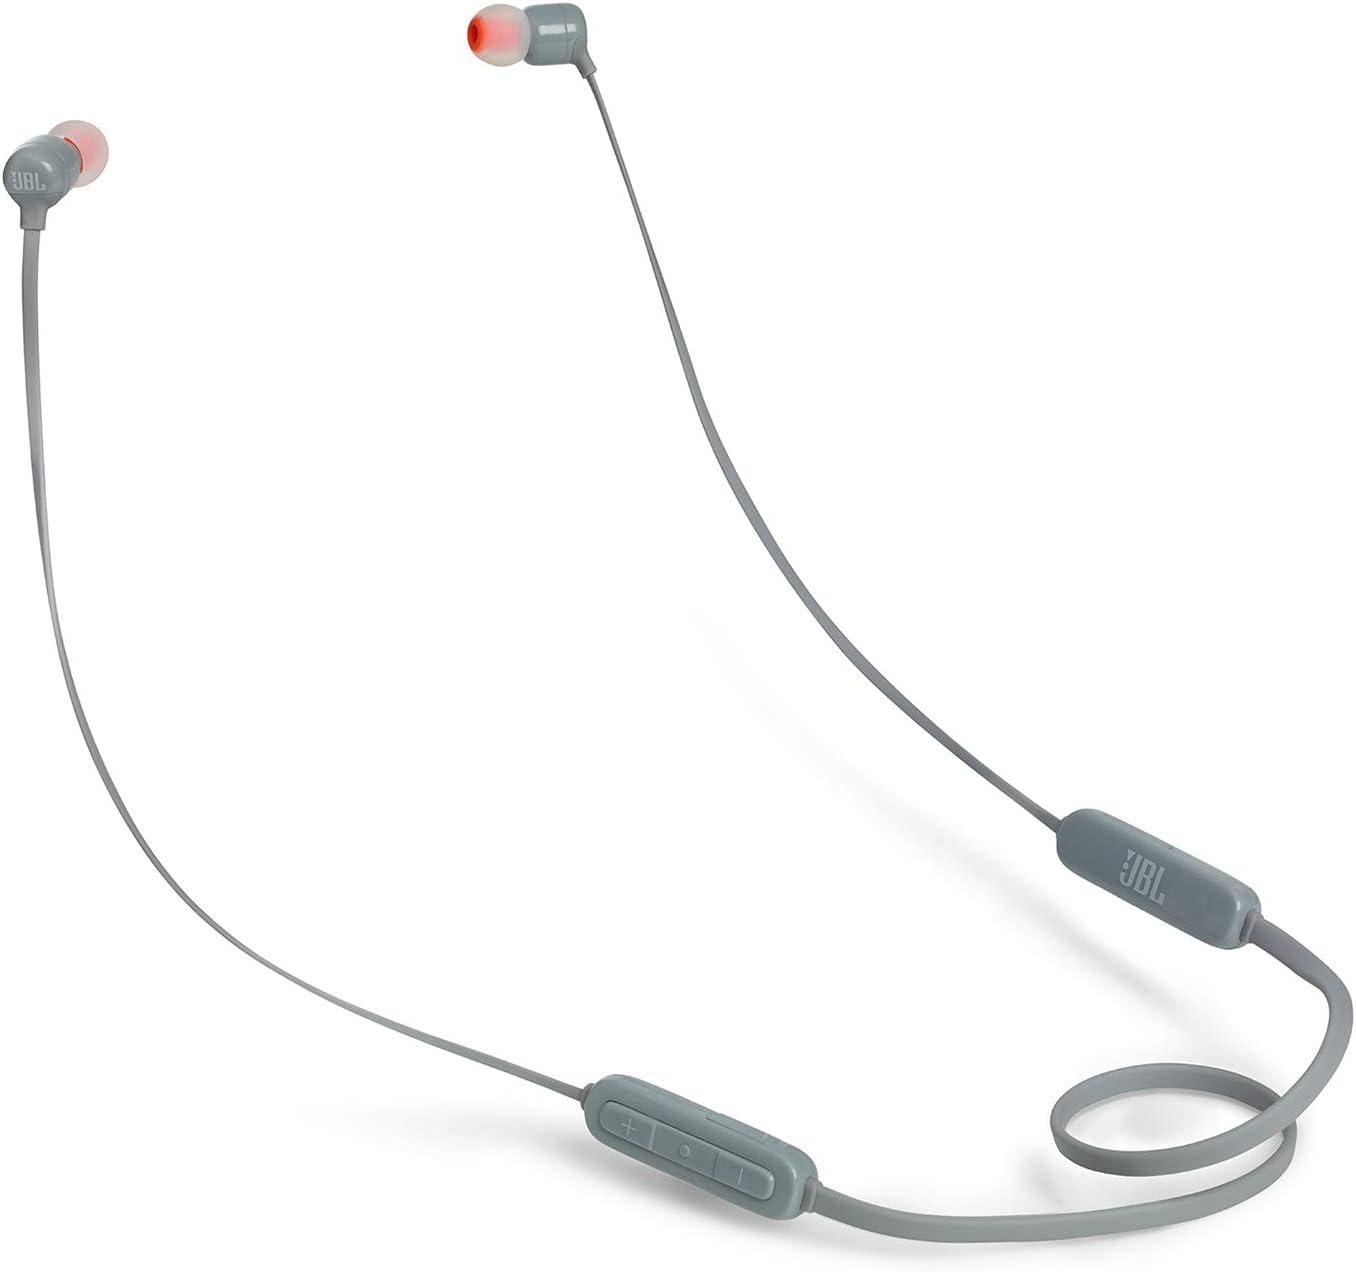 سماعة أذن لاسلكية مع ميكروفون عن بعد بثلاثة ازرار من جي بي ال – T110BT